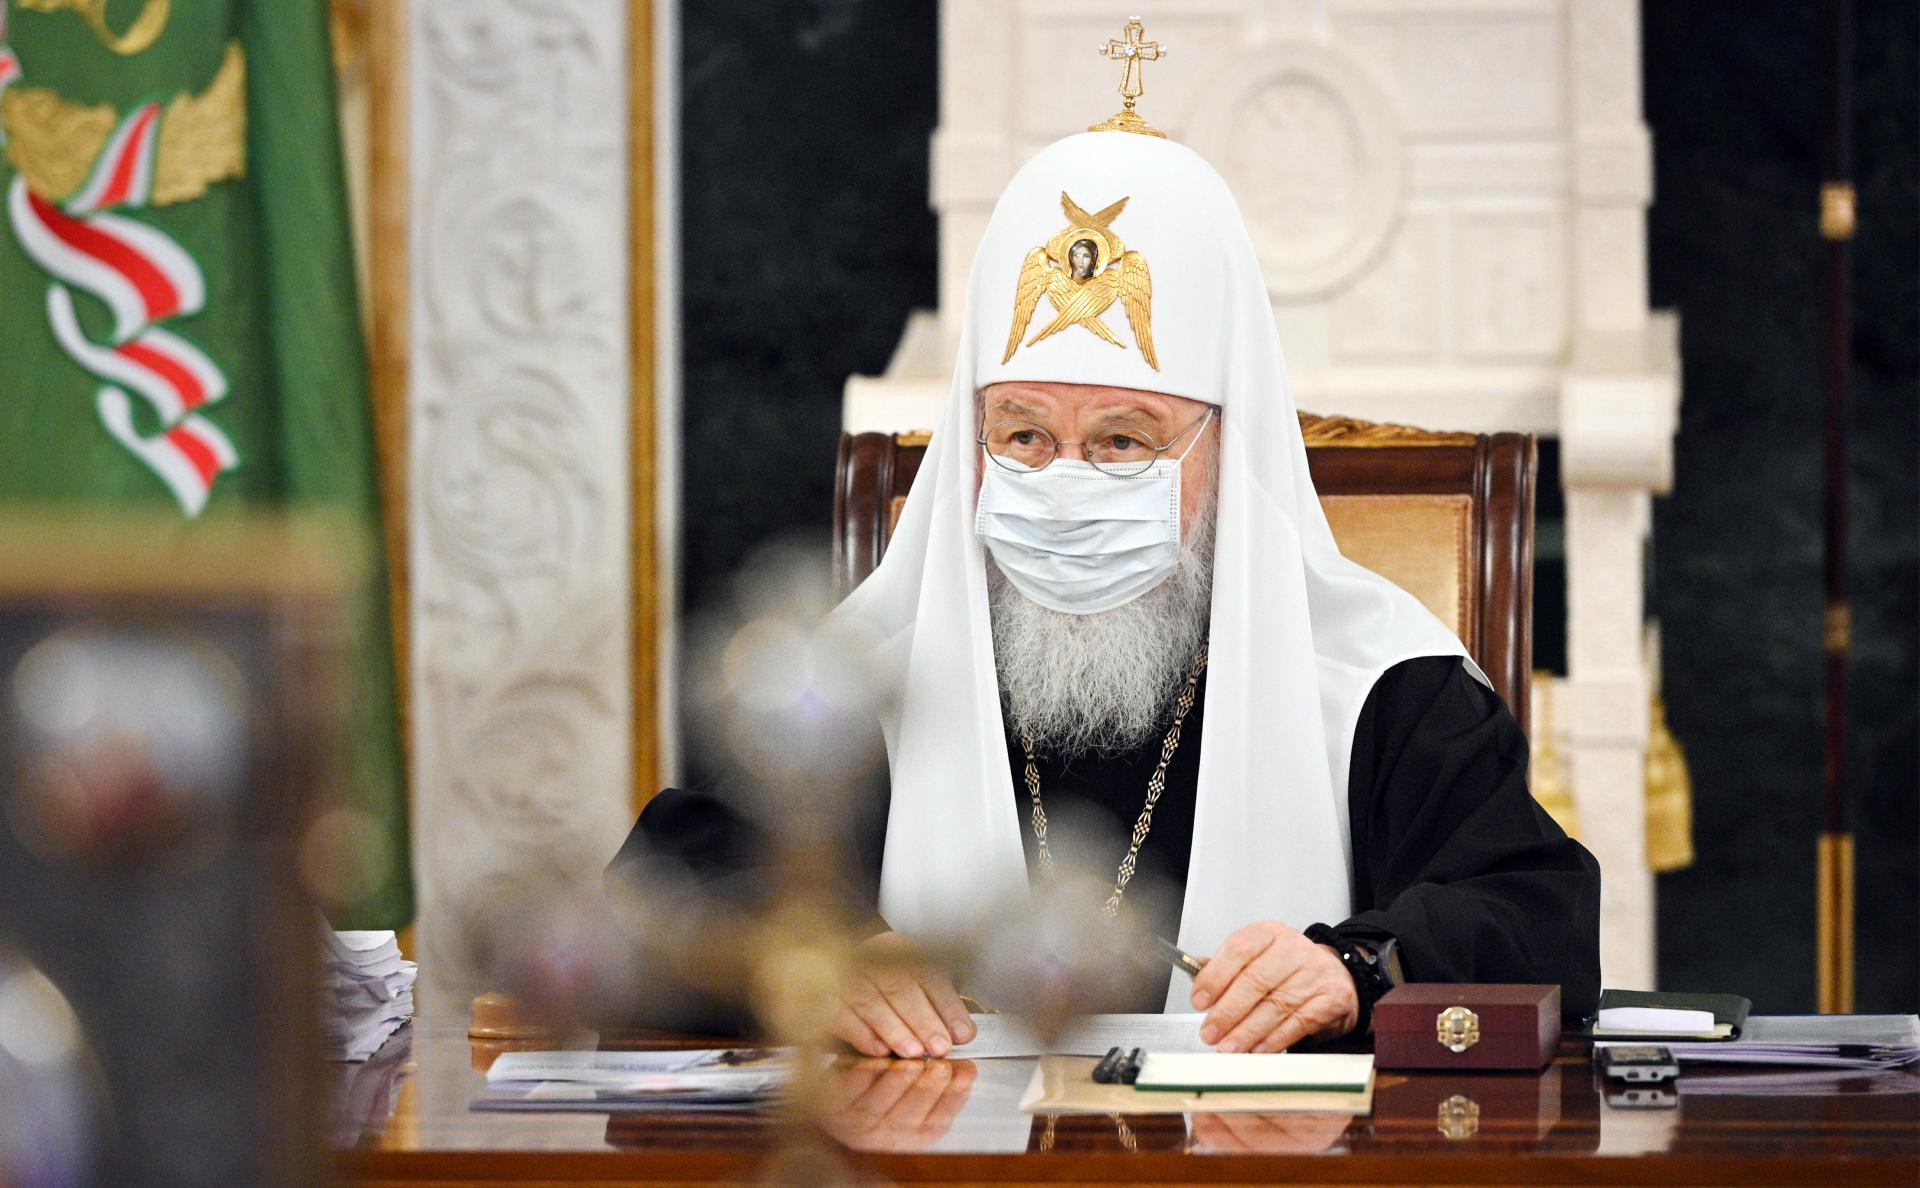 Патриарх Кирилл заявил о невозможности заразиться COVID через святые дары